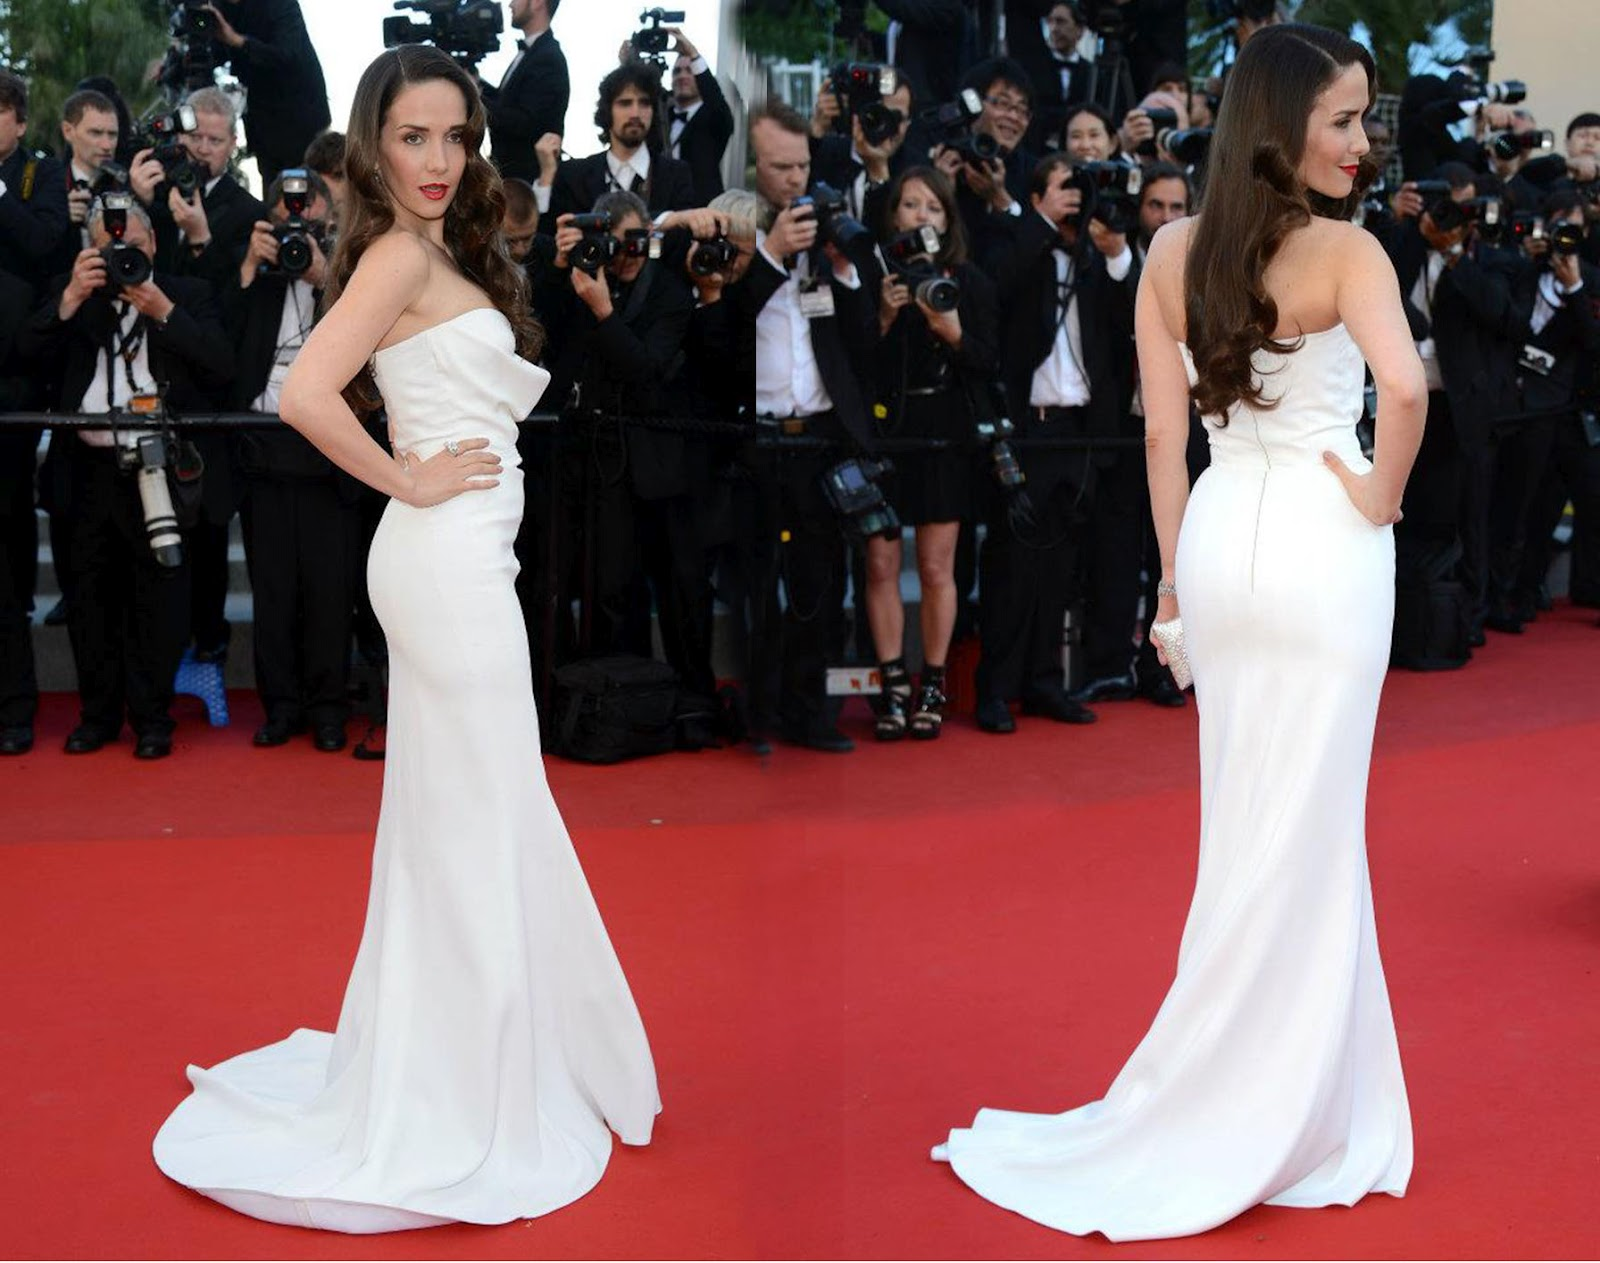 http://1.bp.blogspot.com/-YkbKwi9vH9I/T71ssoqXUrI/AAAAAAAAA8Y/TsS84tV0mG8/s1600/Natalia+Oreiro+Cannes.jpg